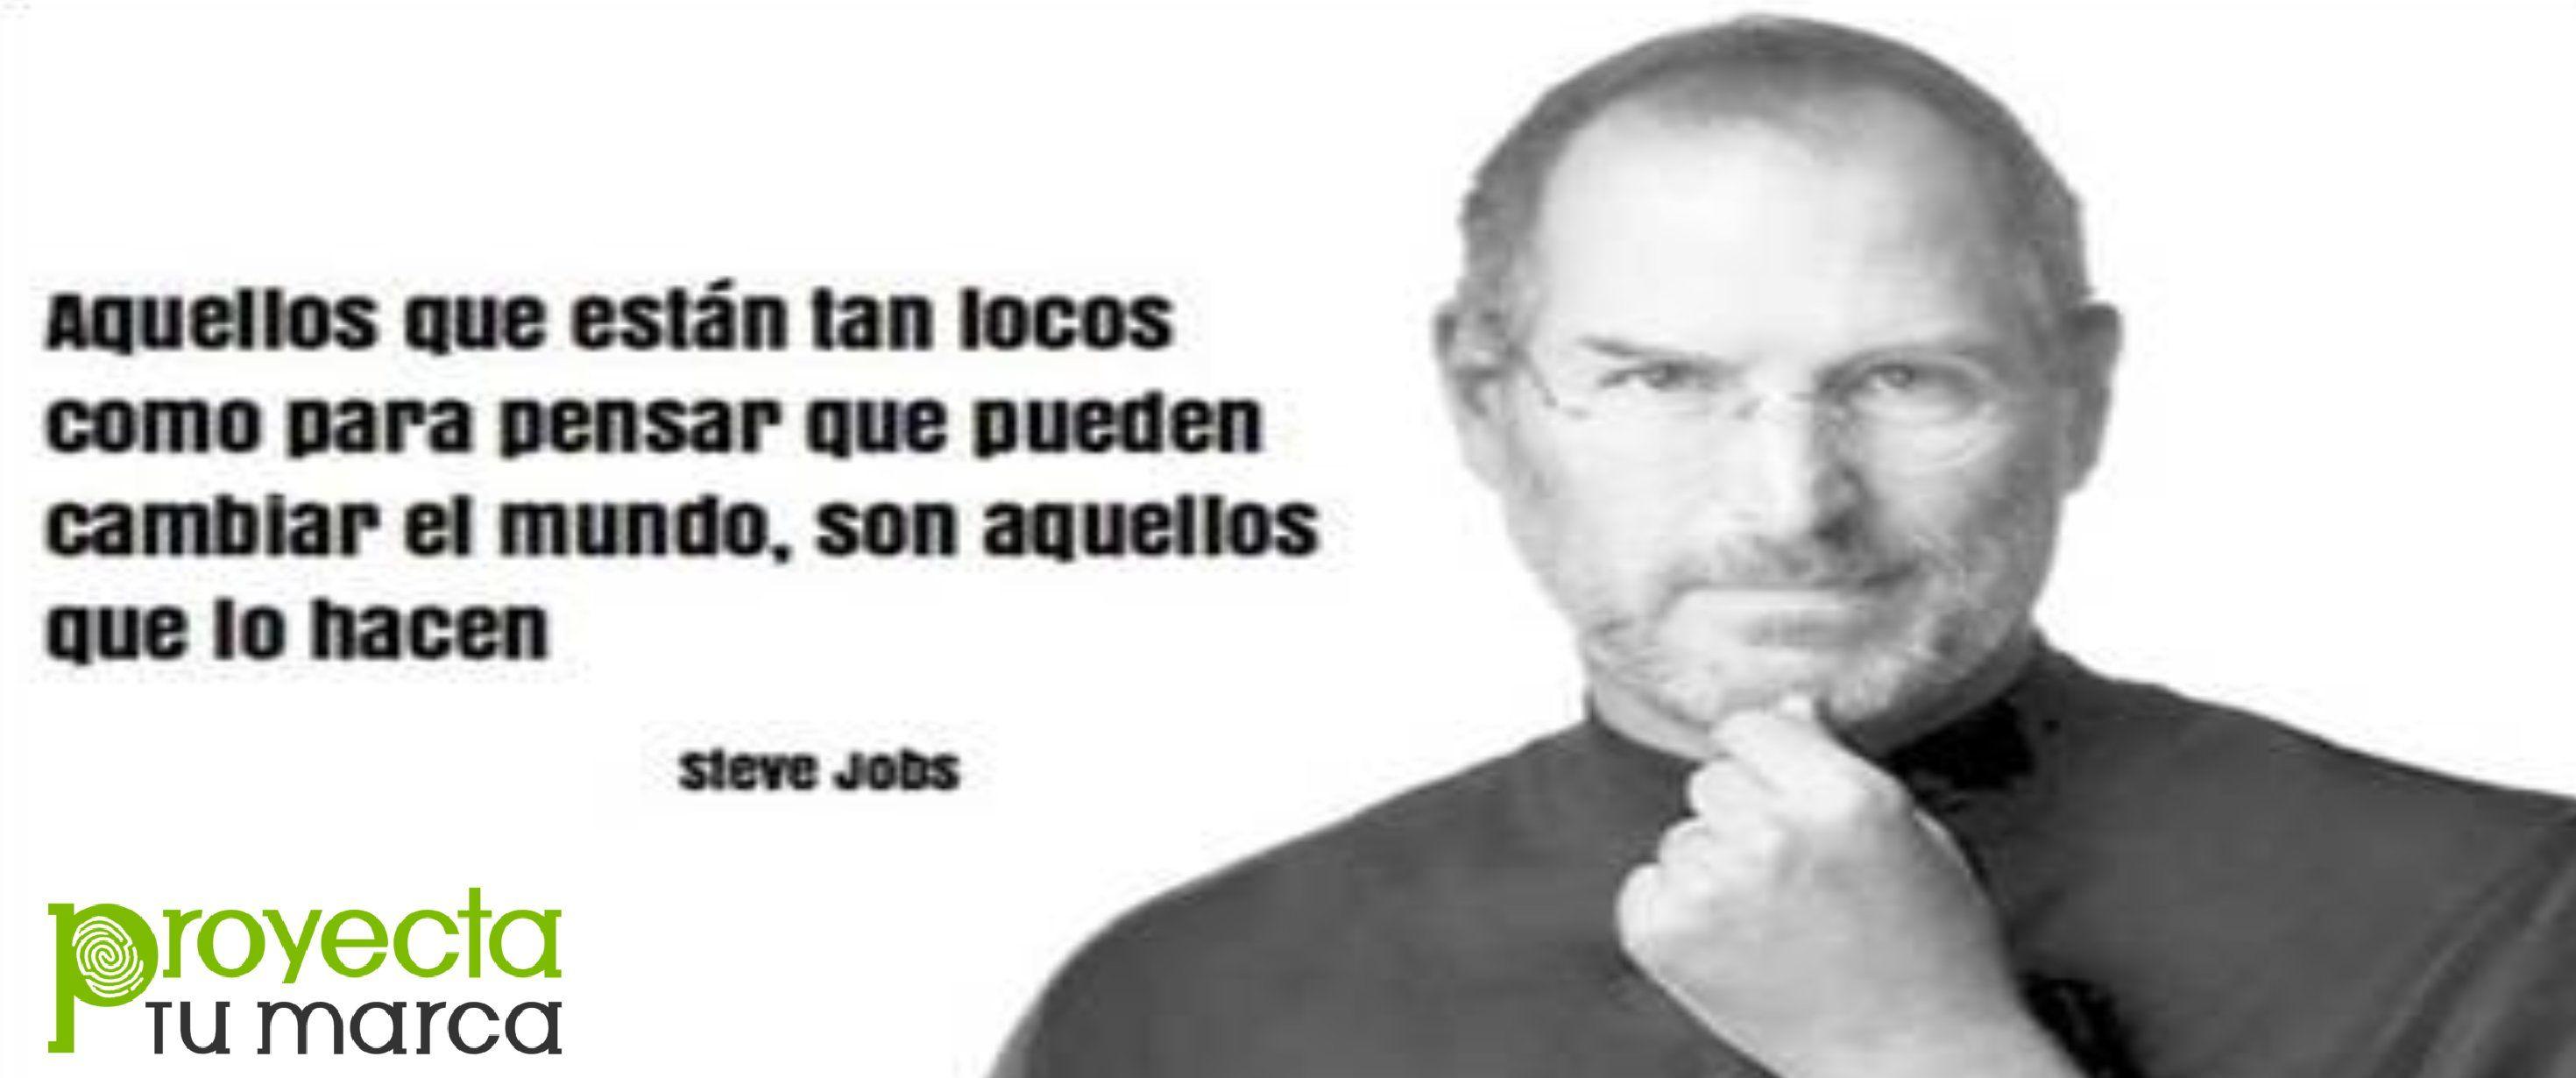 Citaten Bekende Personen : Bekende citaten steve jobs what can teach